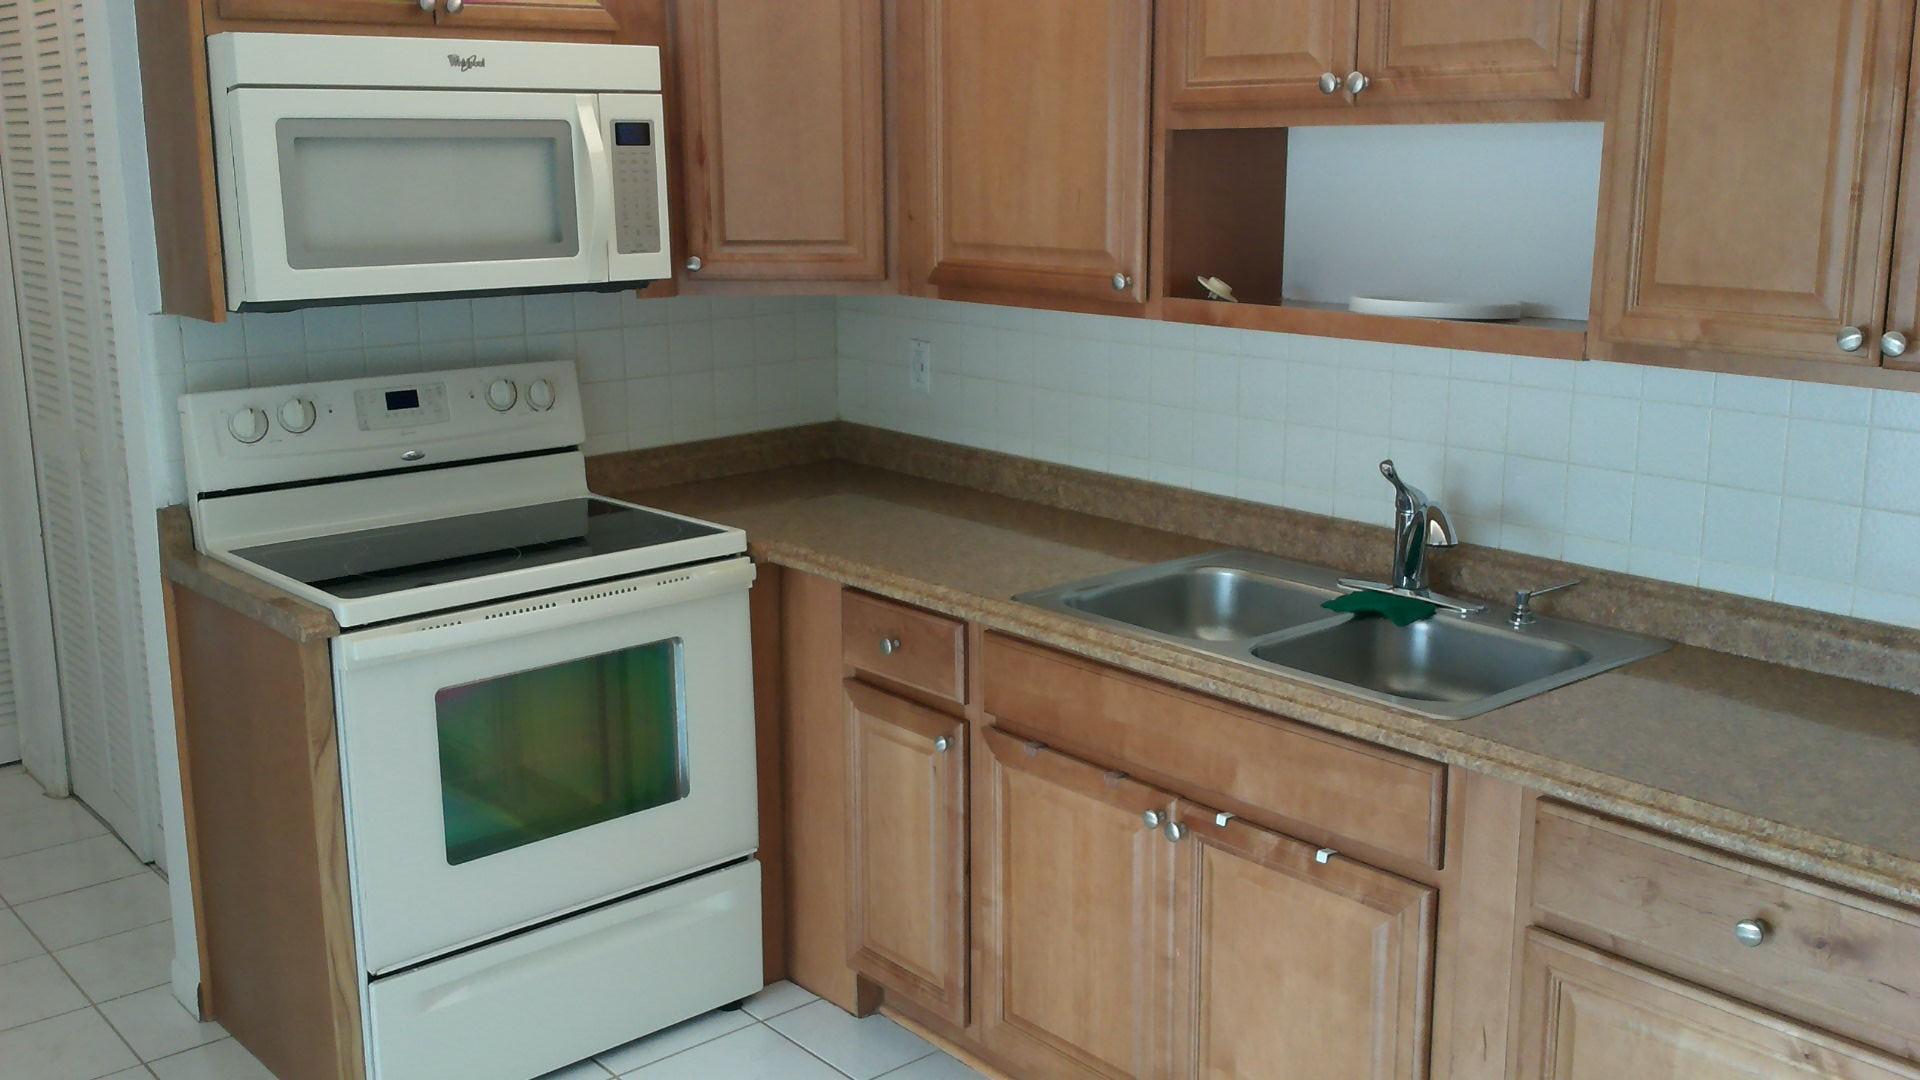 3811 NW 11Th Street Unit G Coconut Creek, FL 33066 - MLS #: RX-10369902